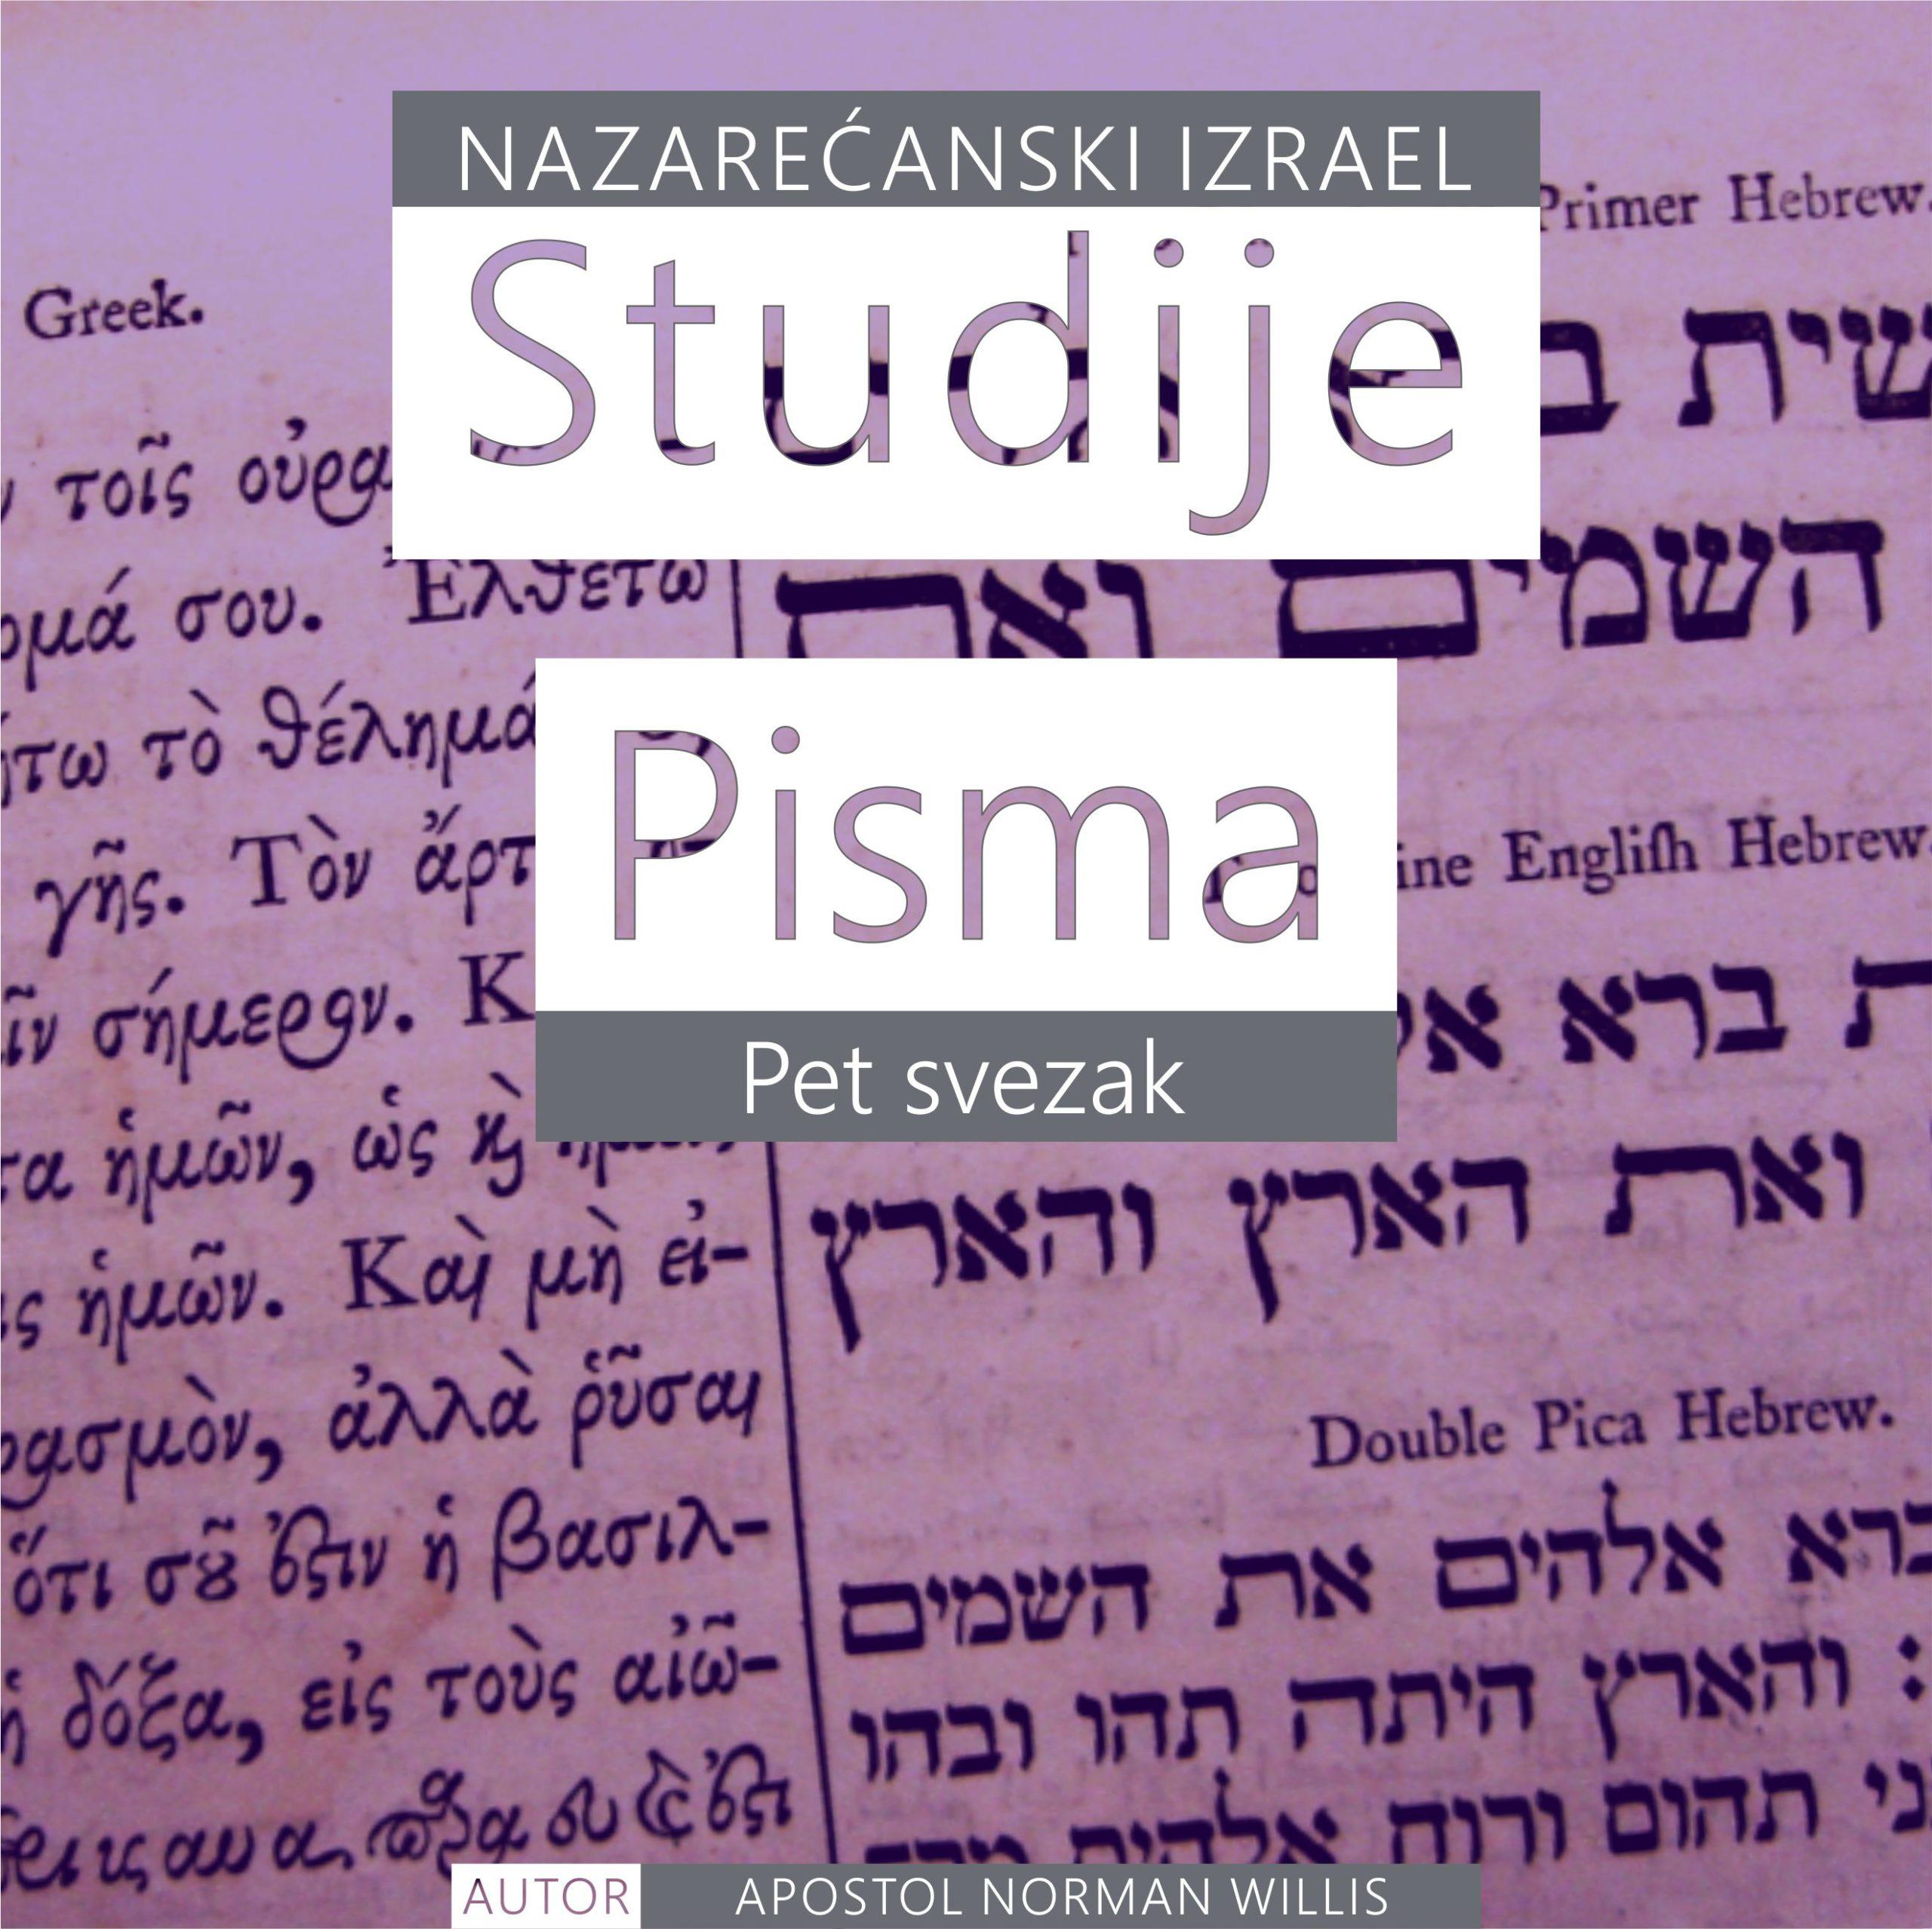 Nazarećanske Studije Pisma: Pet svezak